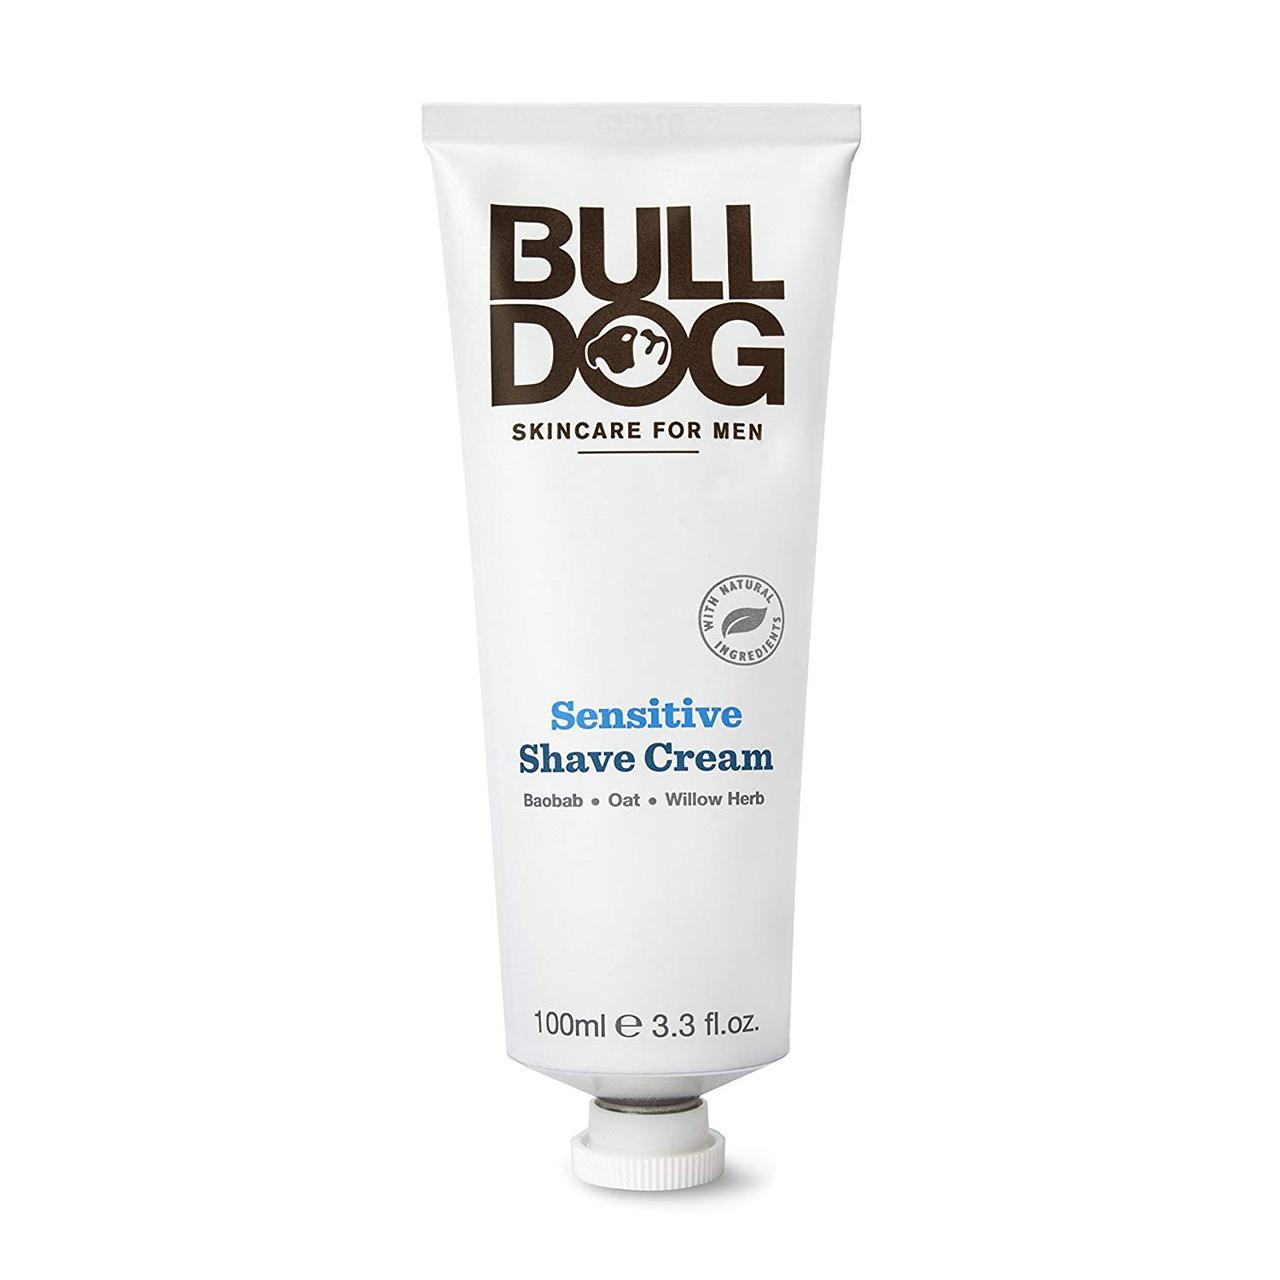 Мужской крем для бритья Bulldog Sensitive Shave Cream, 100мл